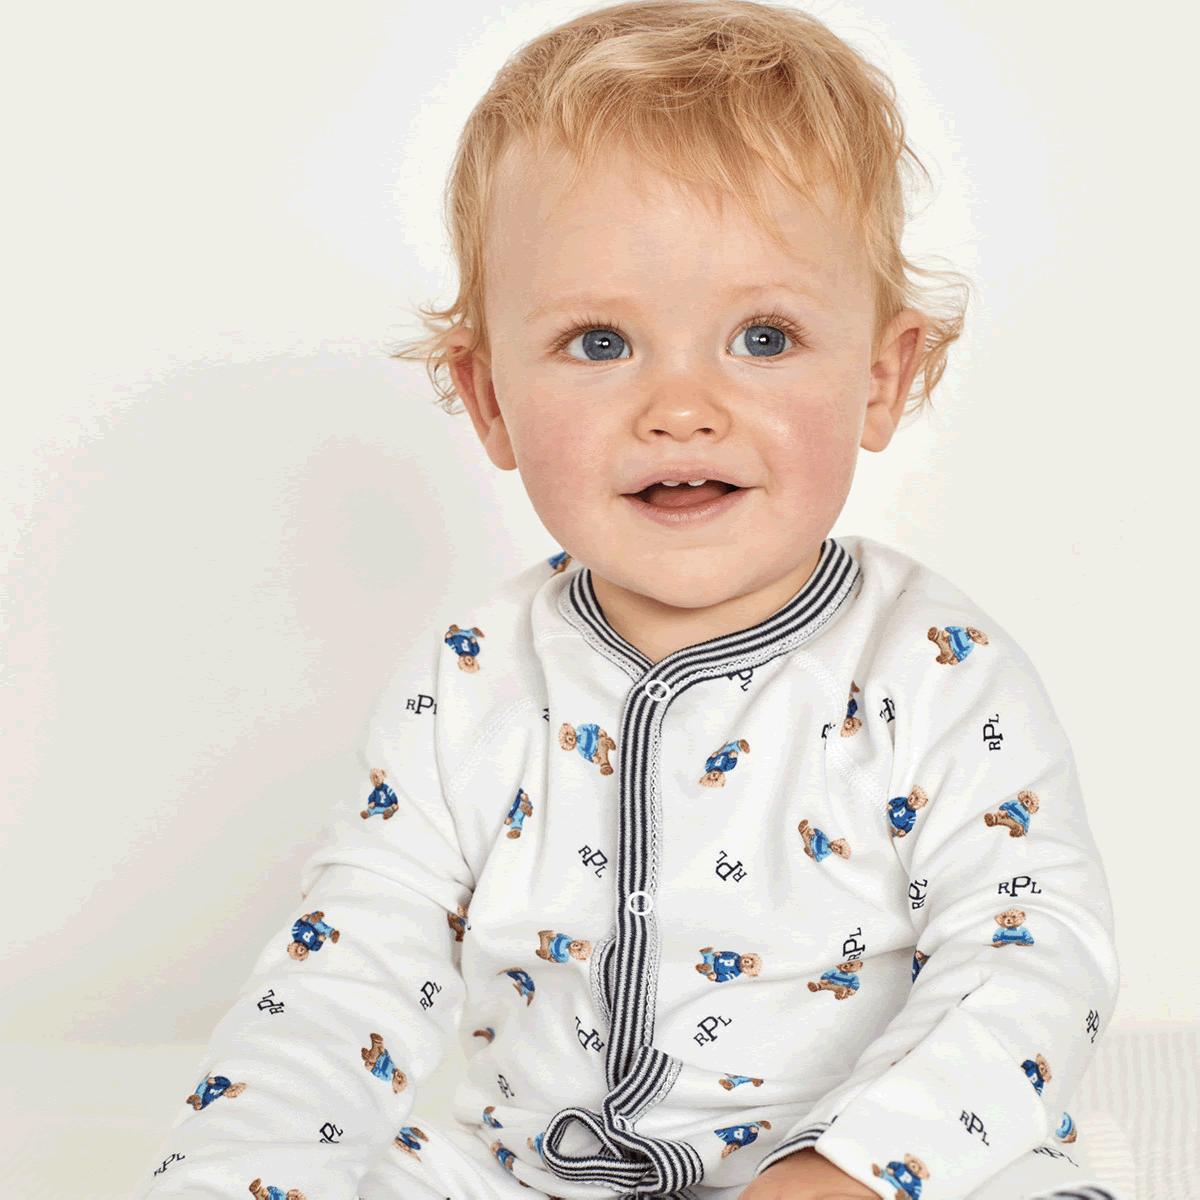 Atemberaubend Junior Brautjungfer Kleider Macys Fotos - Brautkleider ...